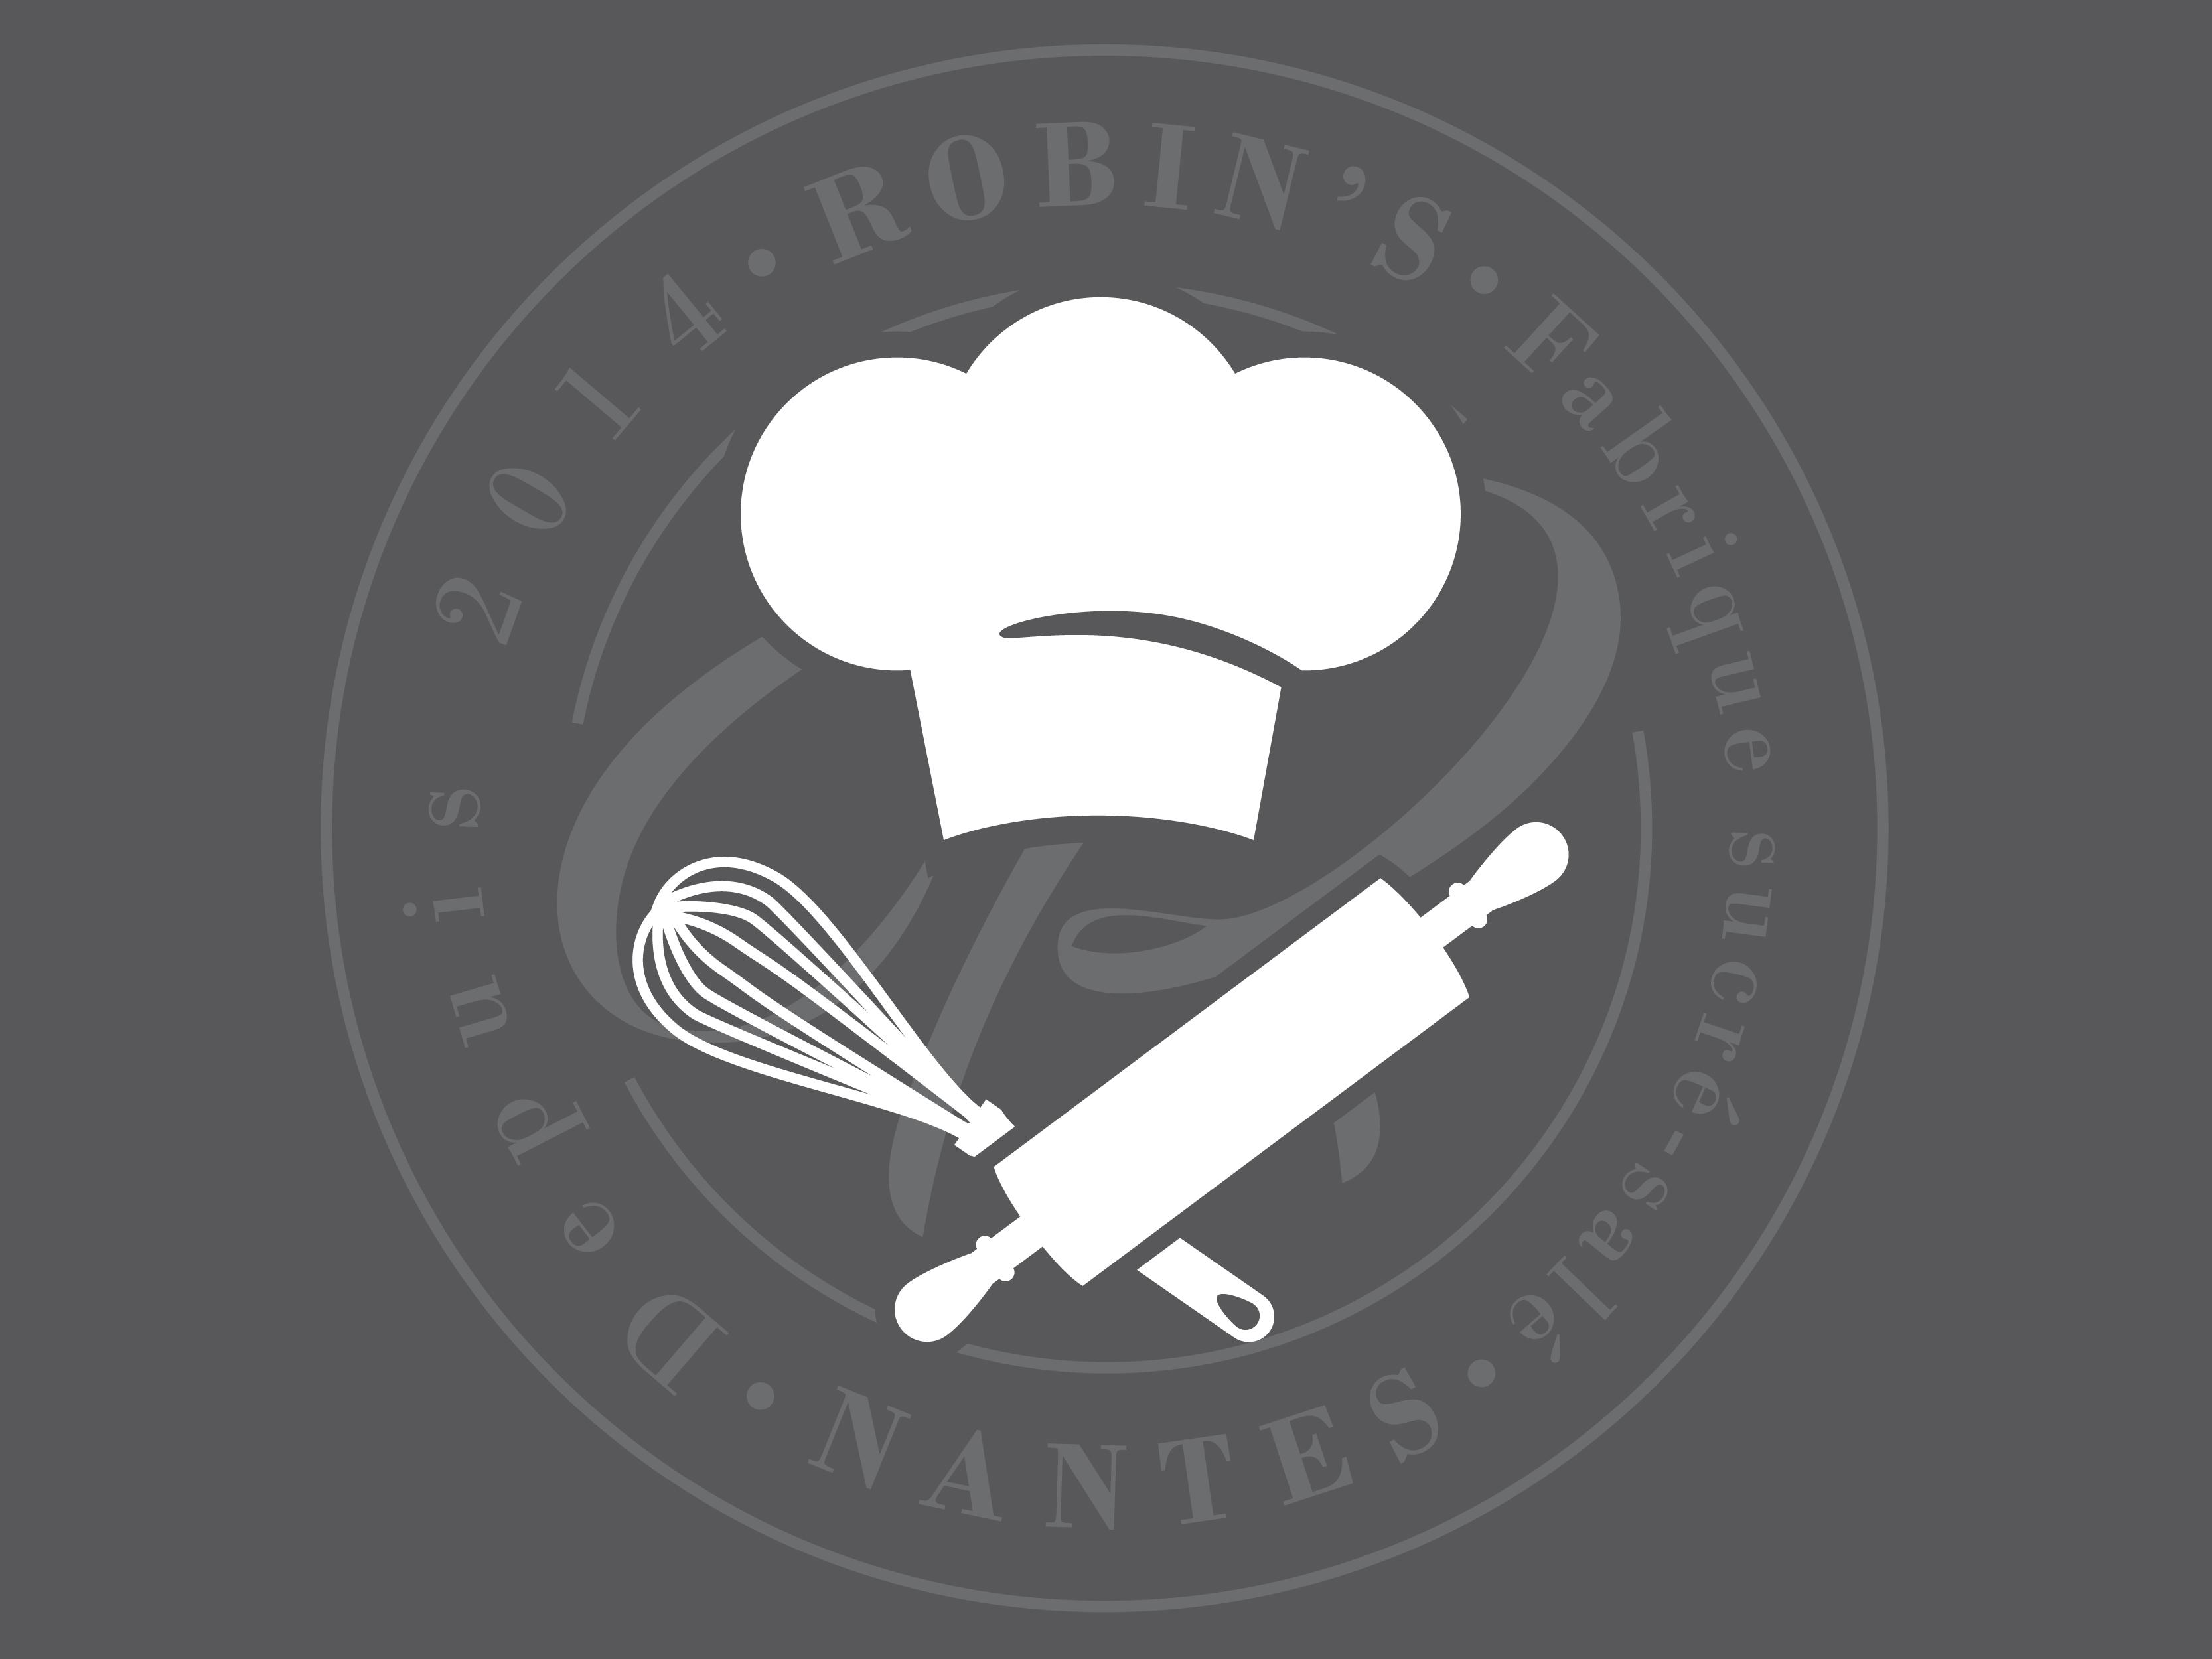 8.Cuisinier-1409130615.jpg